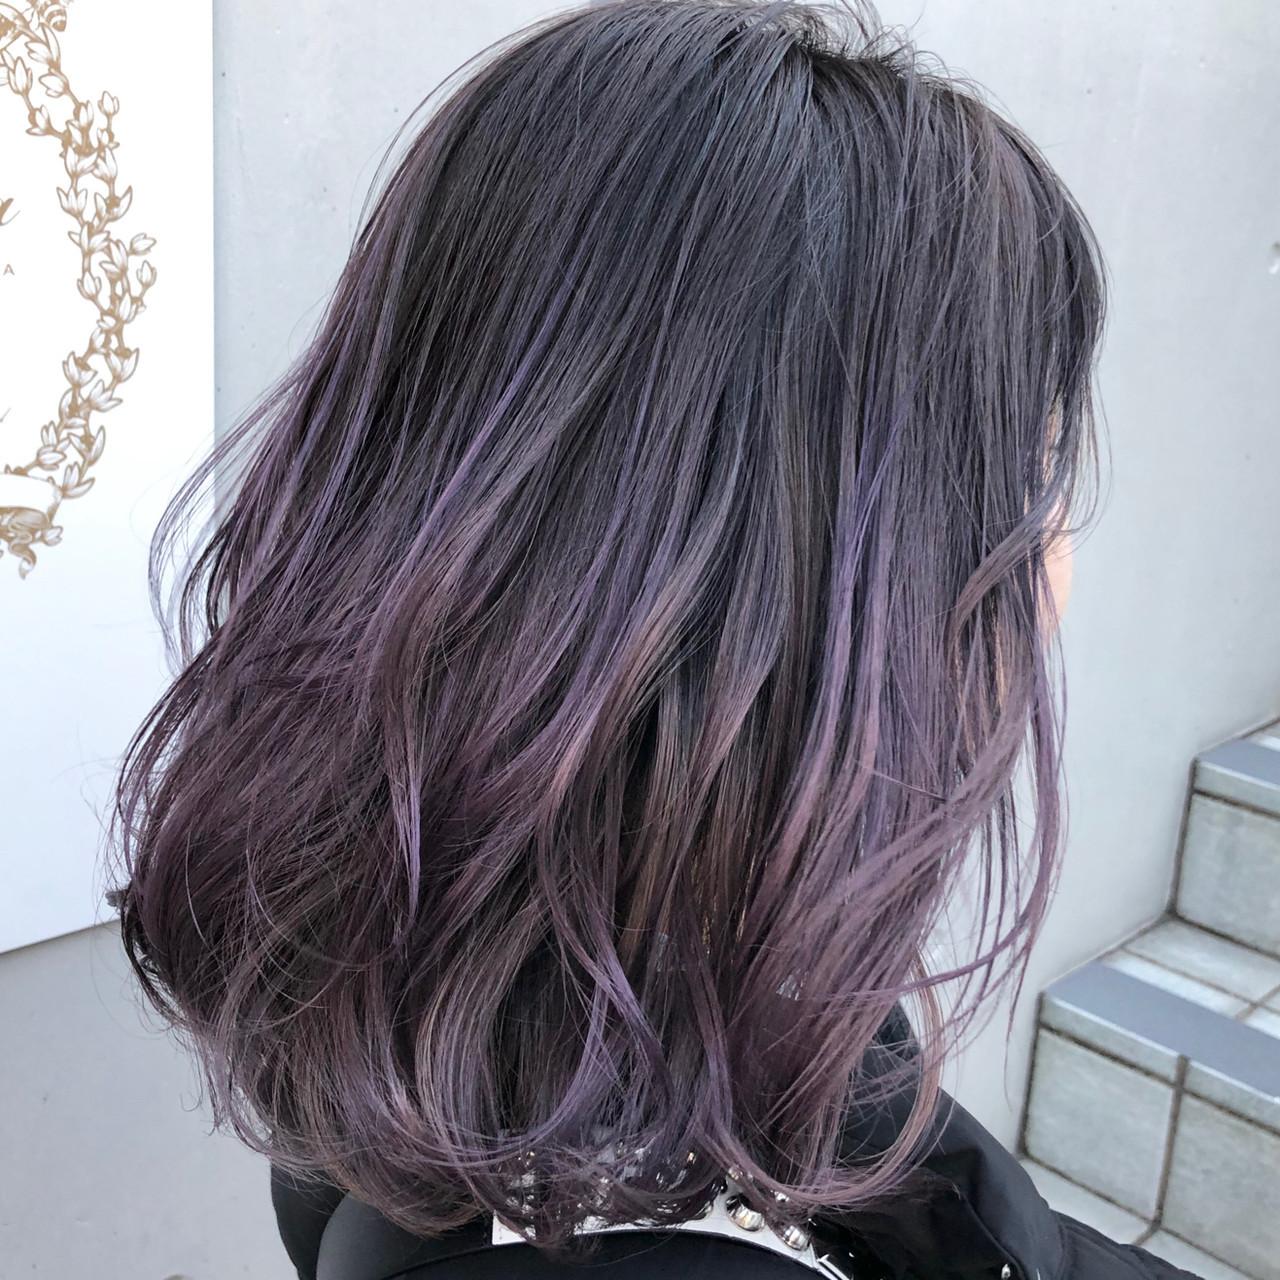 最旬グラデーションカラーは黒髪ベースが鉄則 レングス別スタイル8選 Hair 髪 グラデーション パープルヘアー 紫 ヘアカラー